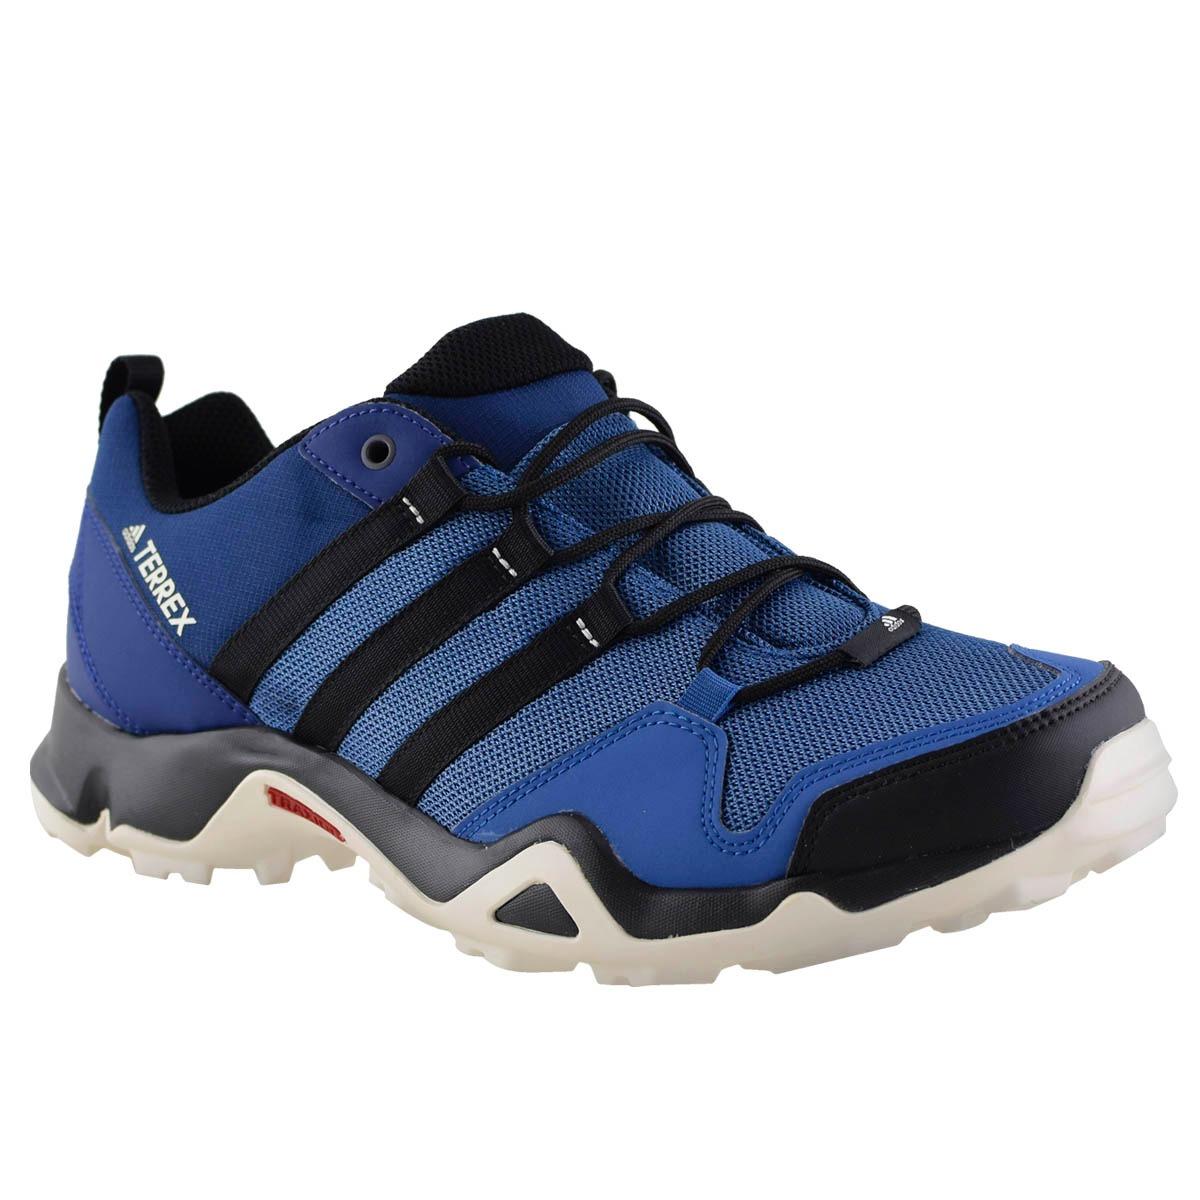 low priced c97b1 98f57 zapatillas adidas terrex ax2r hombre azul. Cargando zoom.